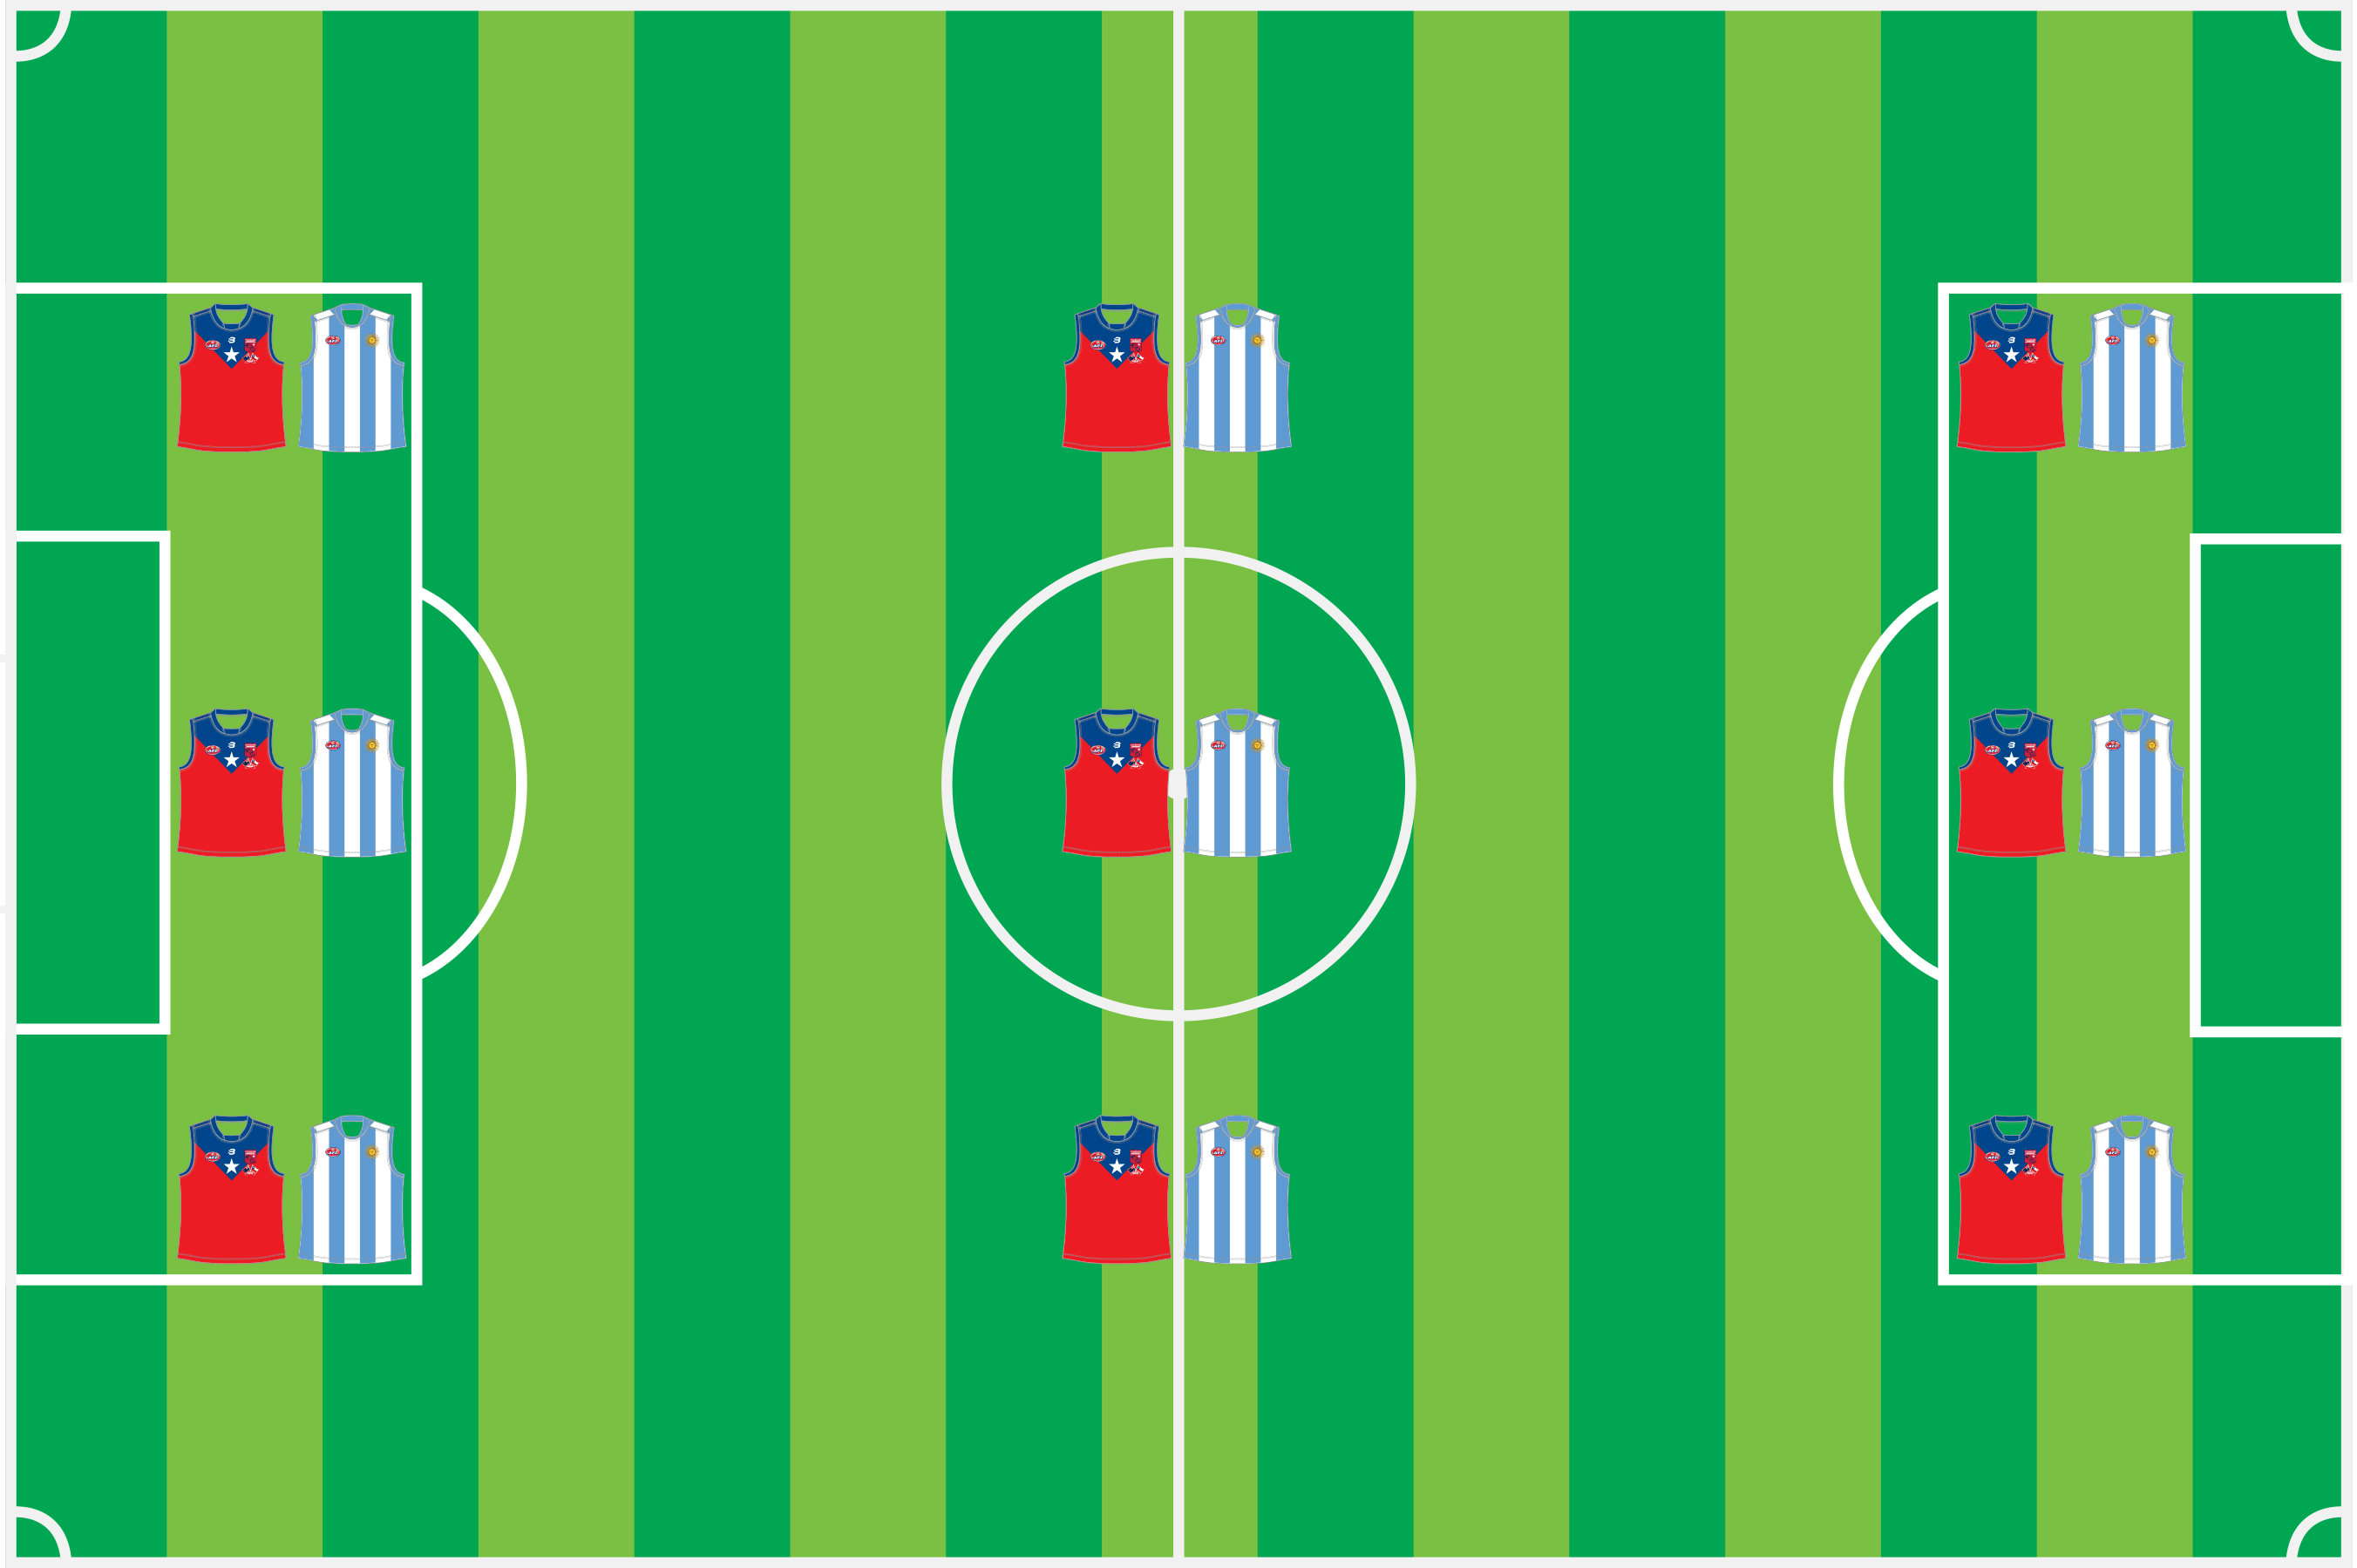 soccer field footy 9s